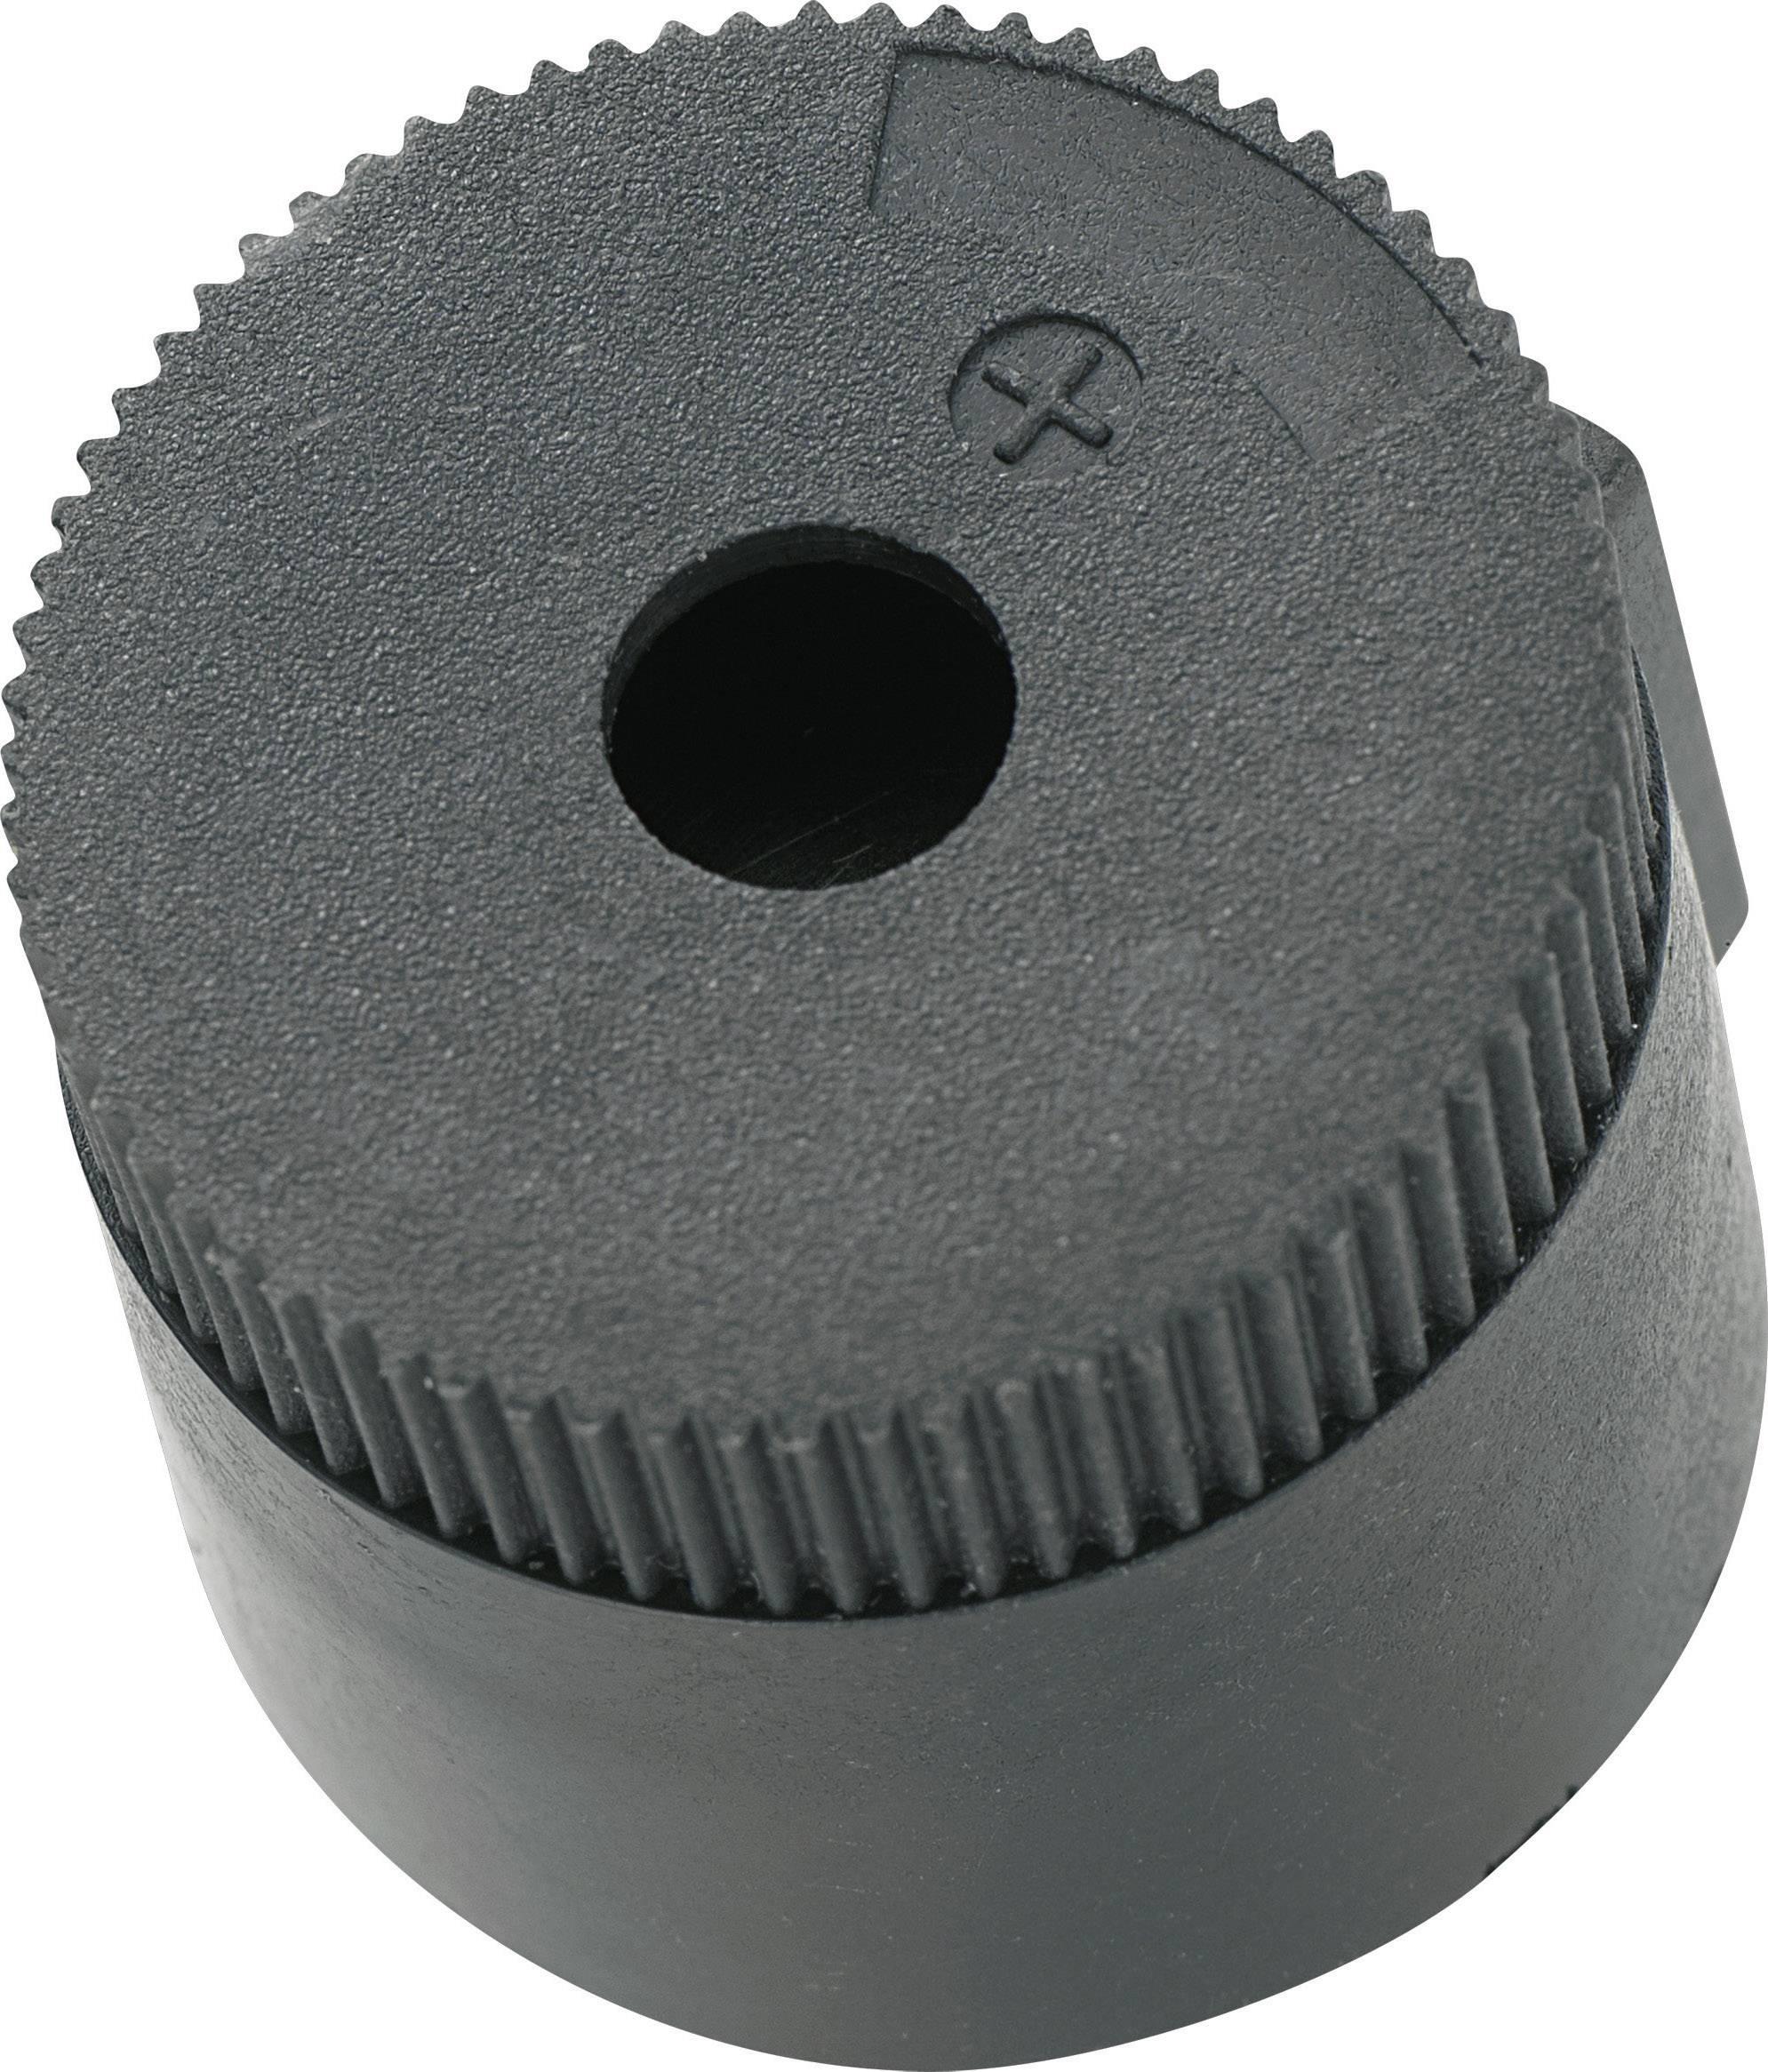 Piezoměnič, 90 dB 12 V/DC, KPI-G3020-6277